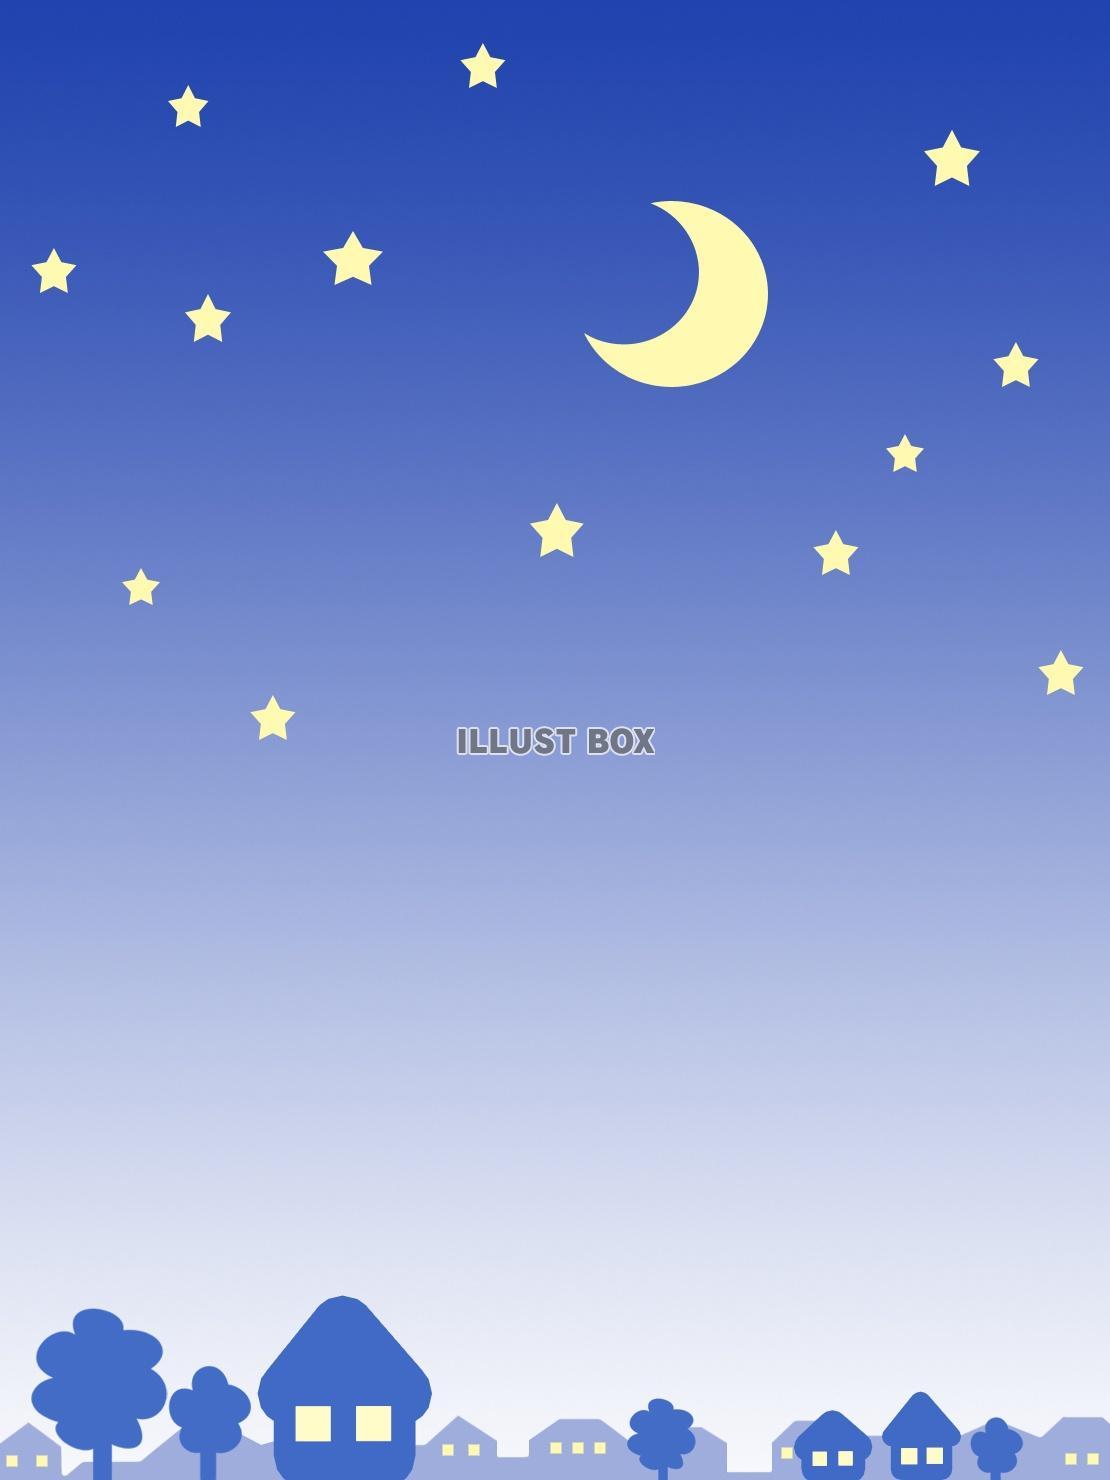 無料イラスト 夜景シルエット壁紙 星空イラスト背景素材